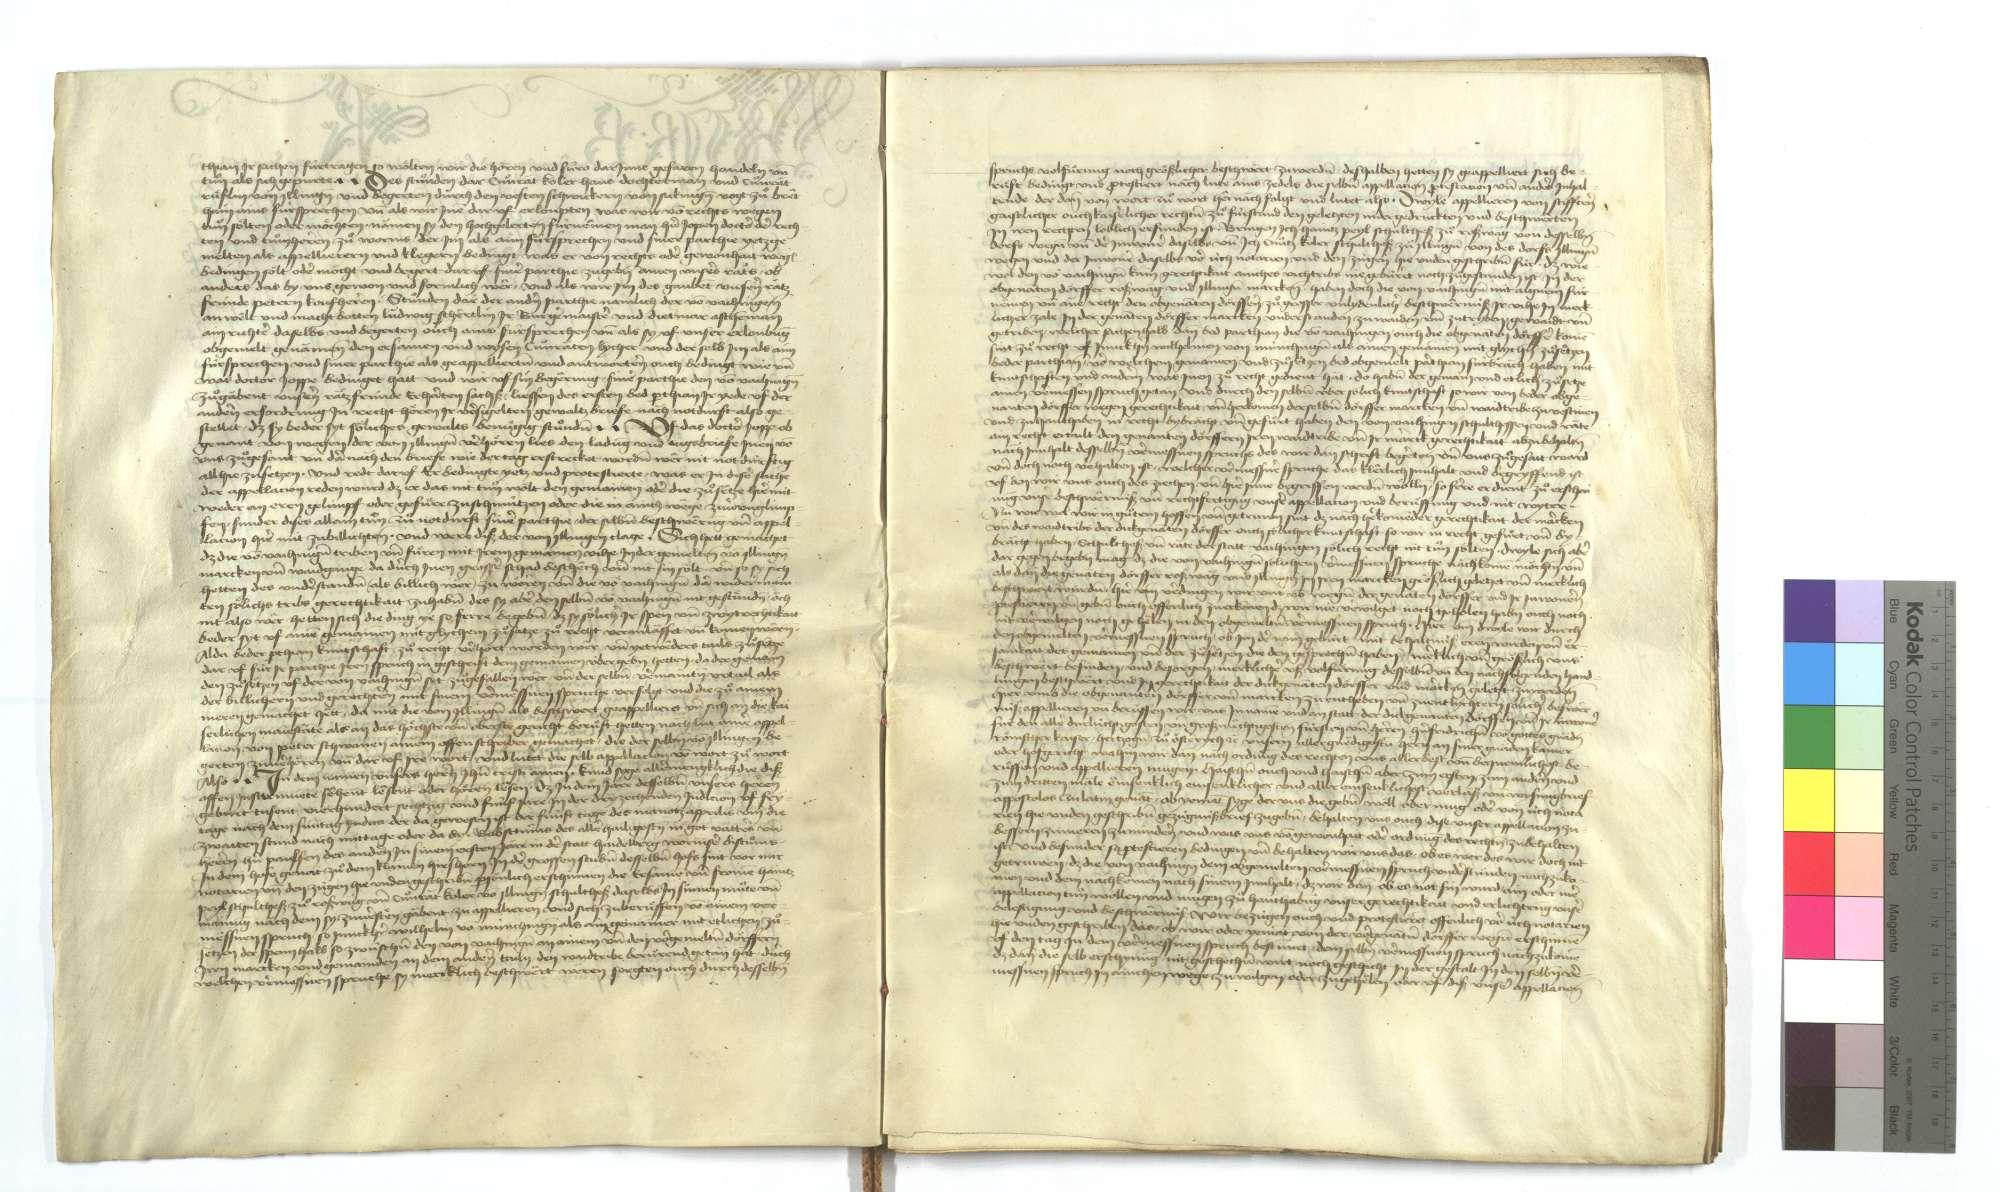 Acta und Urteilsbrief von Bürgermeister und Rat von Esslingen (Eßlingen), dass die von Vaihingen keine Gerechtigkeit haben, mit ihrem Vieh auf Illinger Markung zu treiben., Bild 3